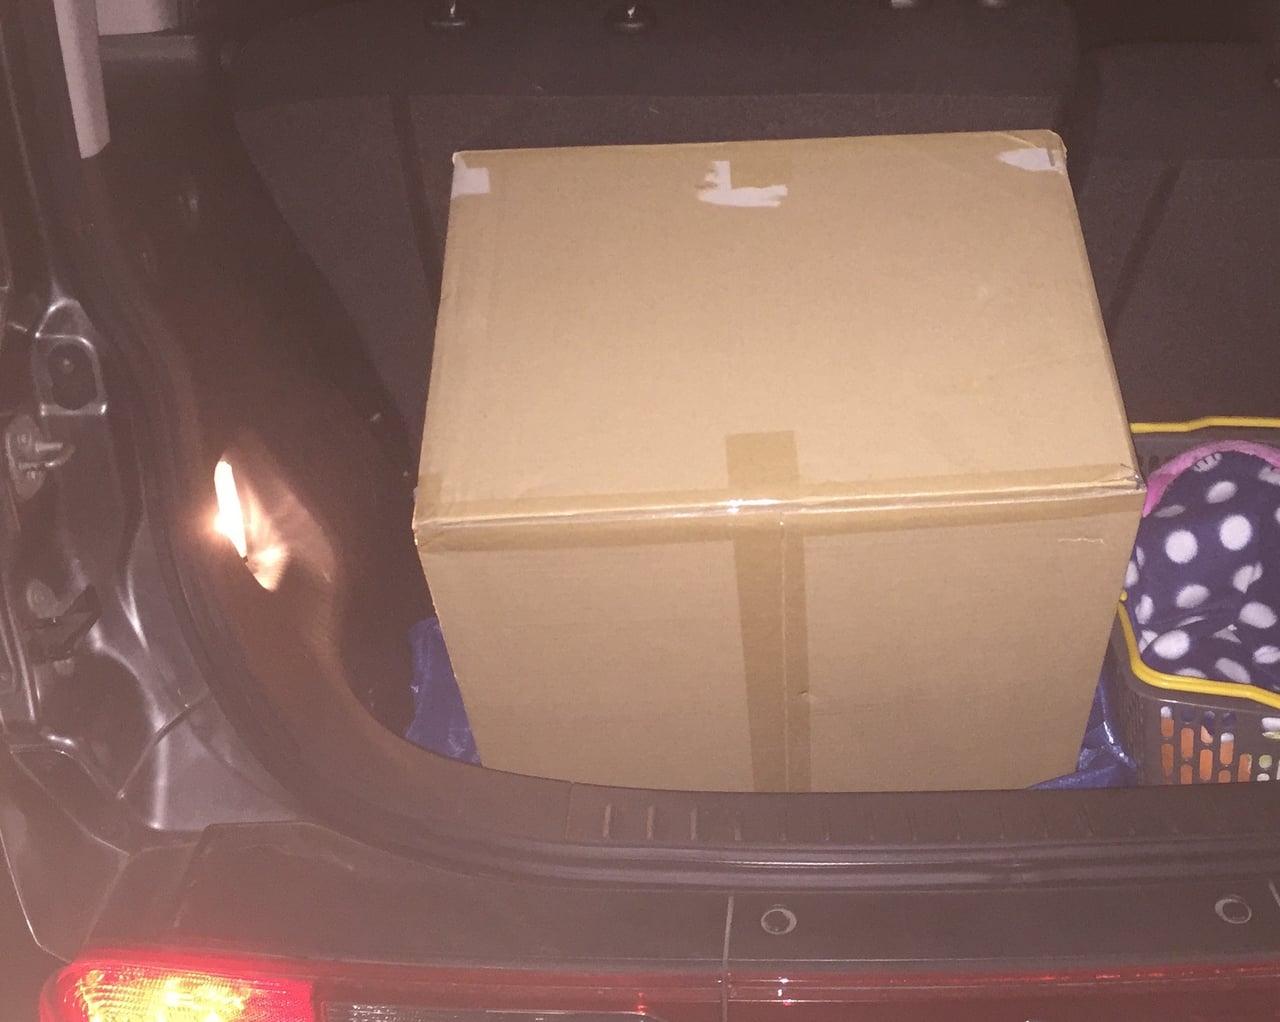 車に積み込んだホットプレート